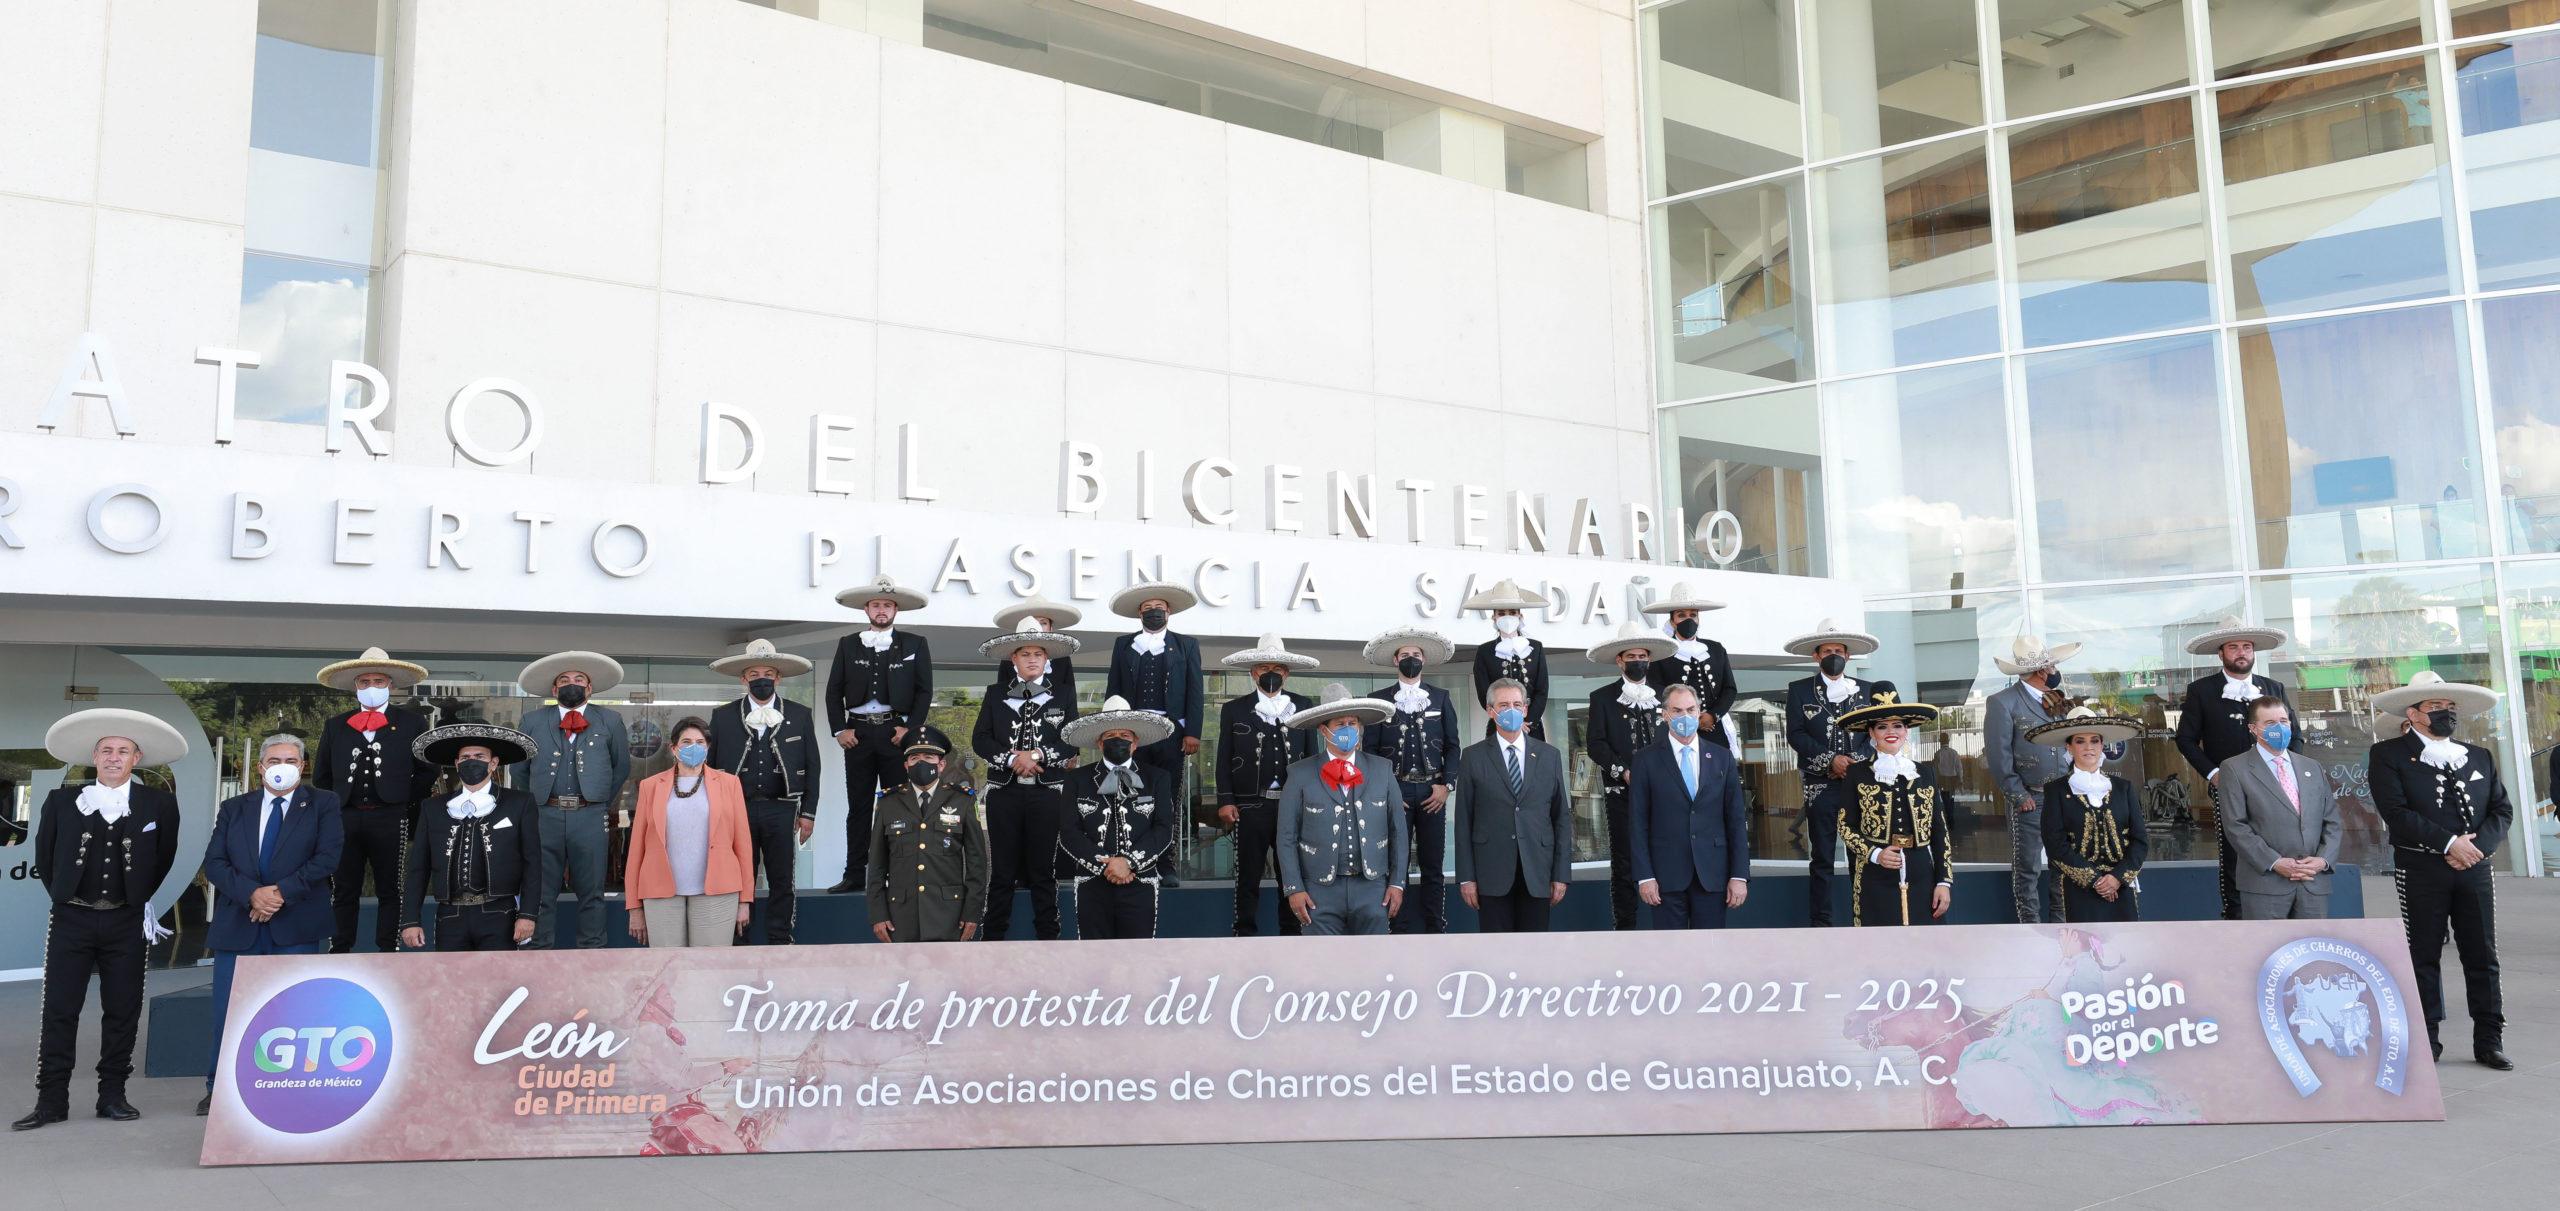 Charrería guanajuatense, Patrimonio Cultural Inmaterial de la Humanidad_01